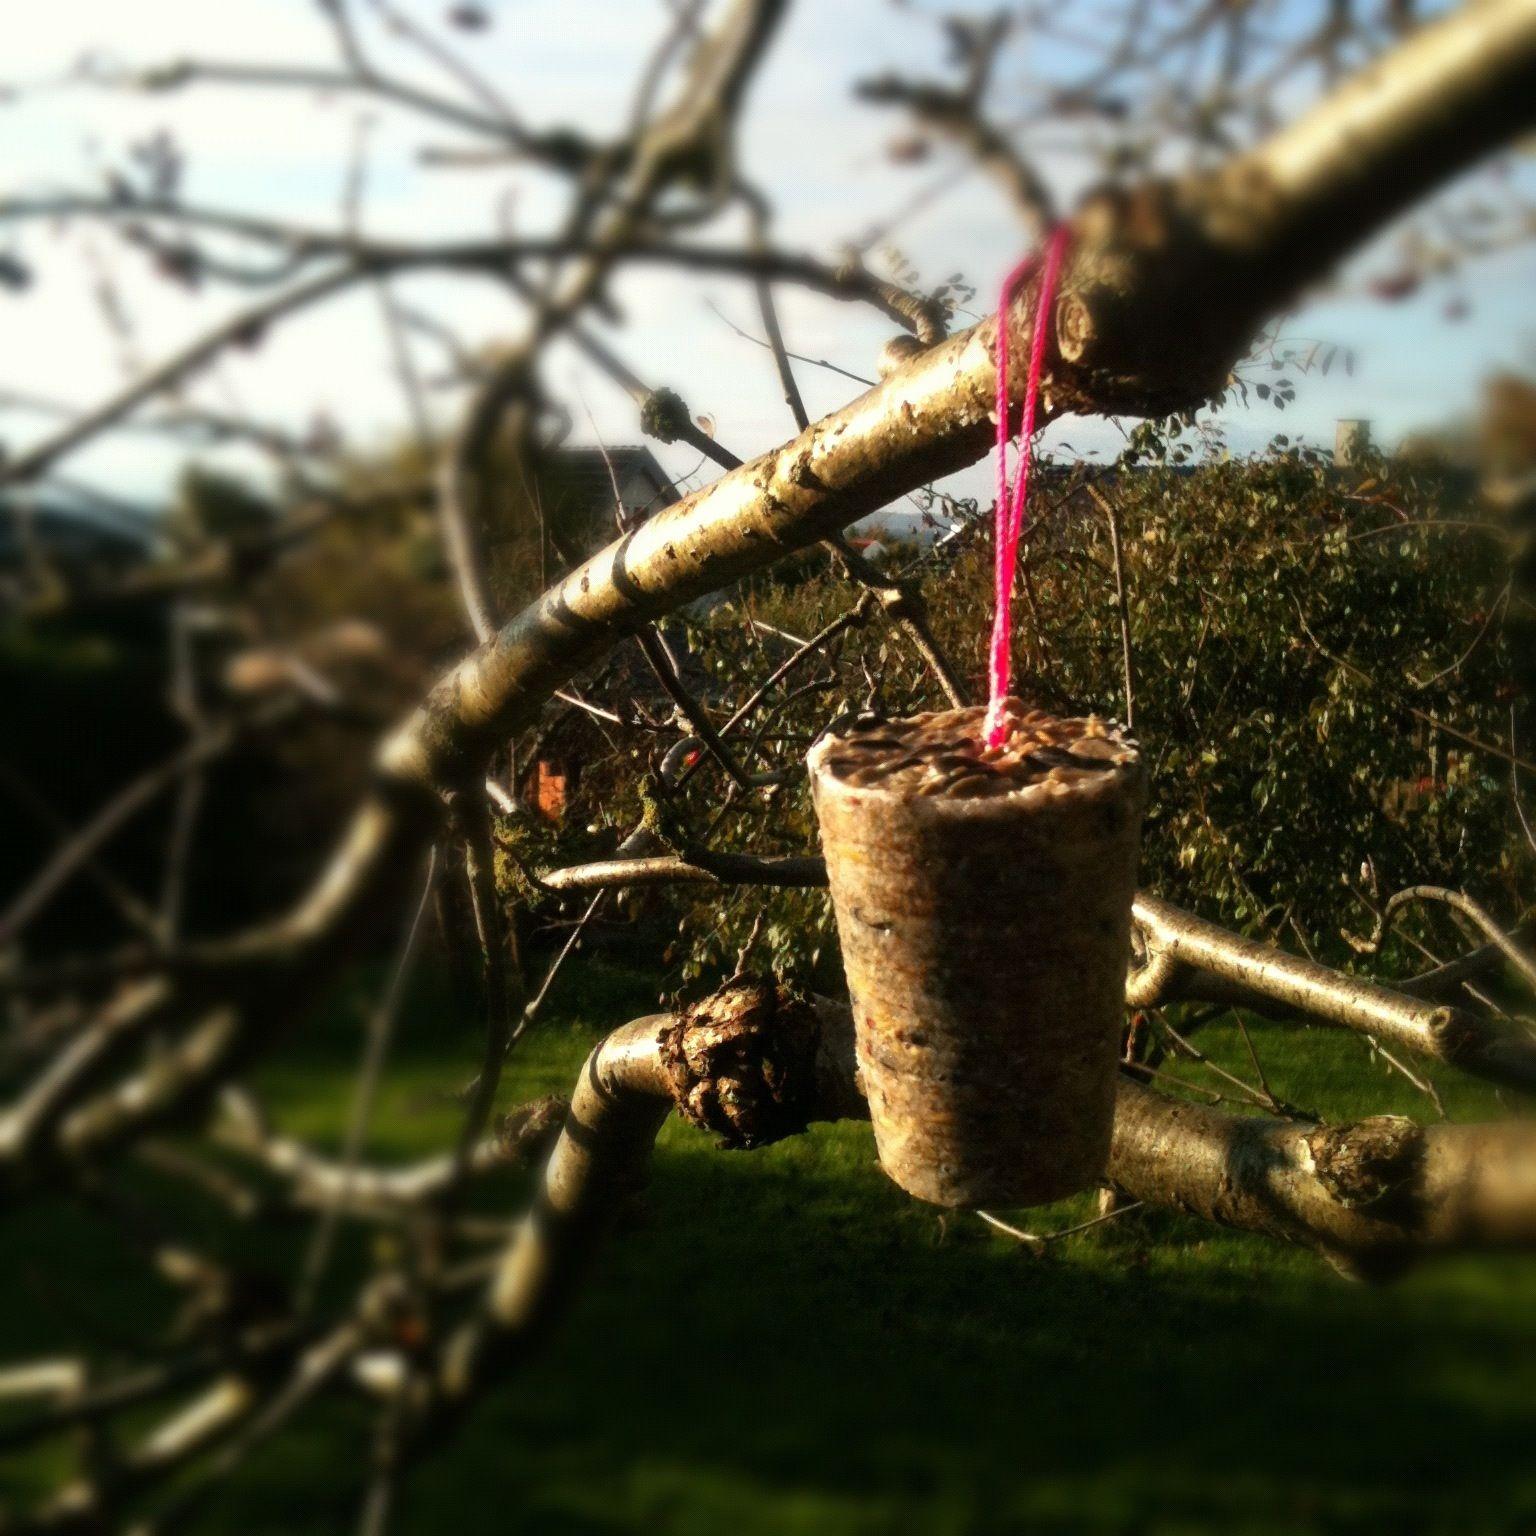 Diy-fuglekugler-hjemmelavet-fuglefoder-neon-have-efterår-vinter ...